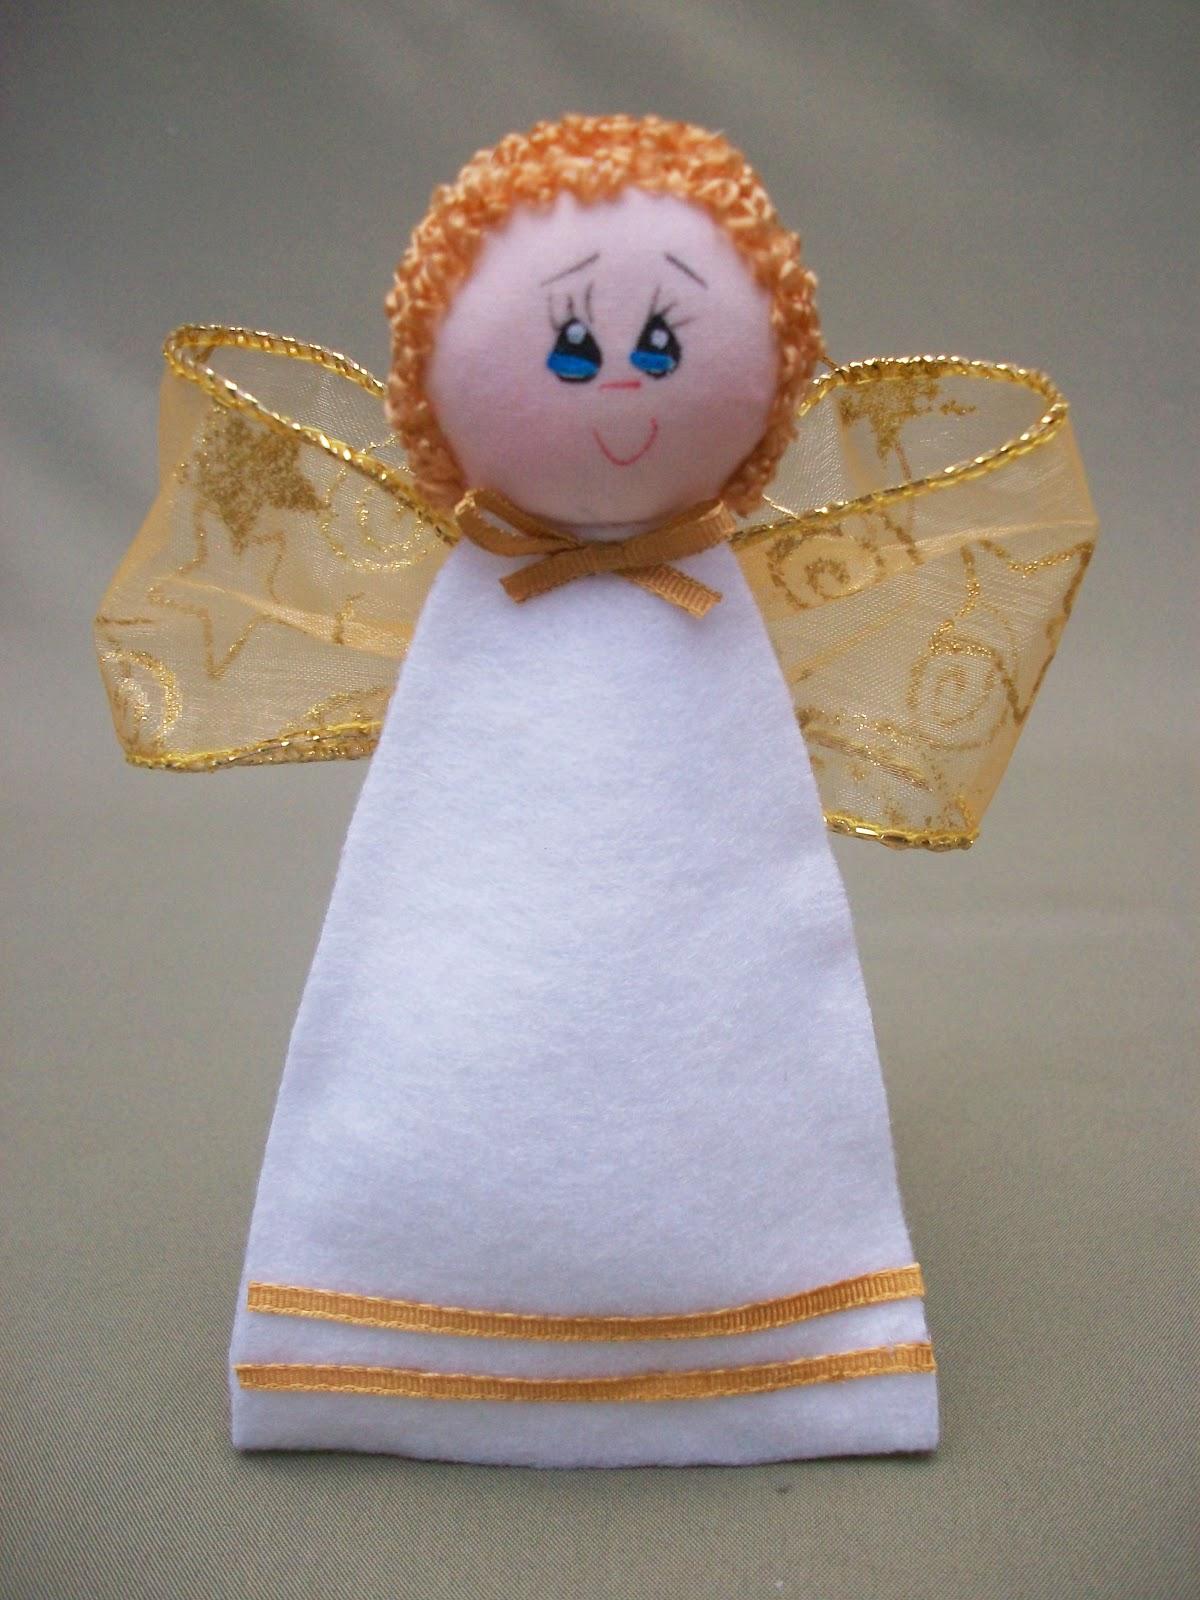 Recuerdos cecile originales adornos de navidad angelitos - Adornos navidenos originales ...